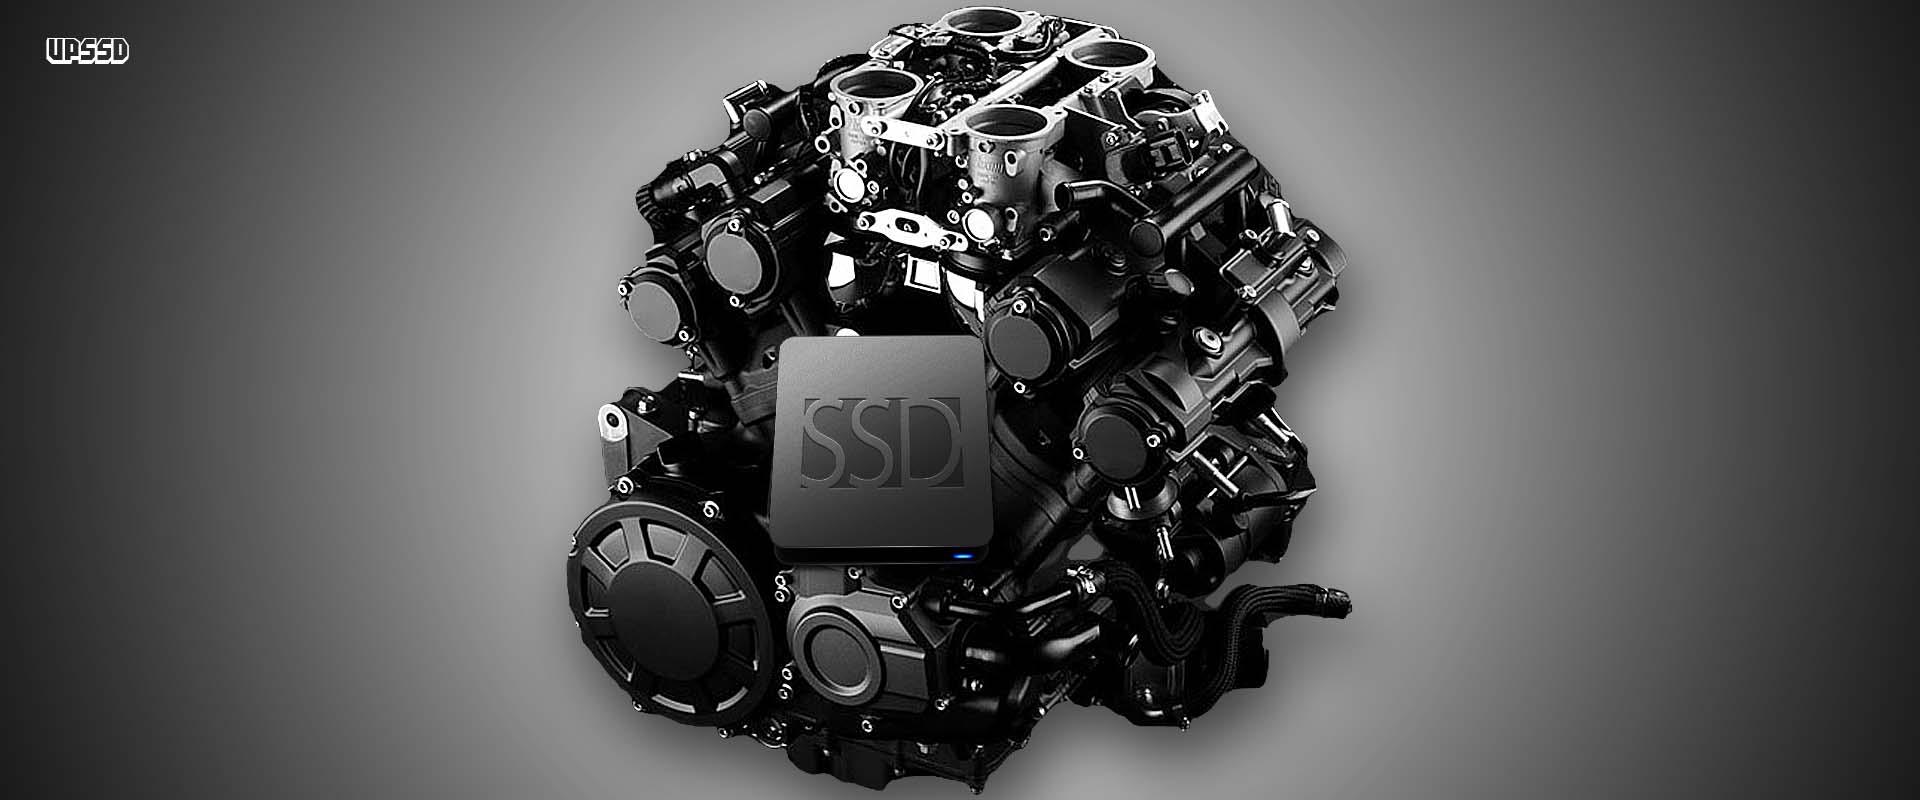 SSD bővítés; erre figyelj 🚑 🧰